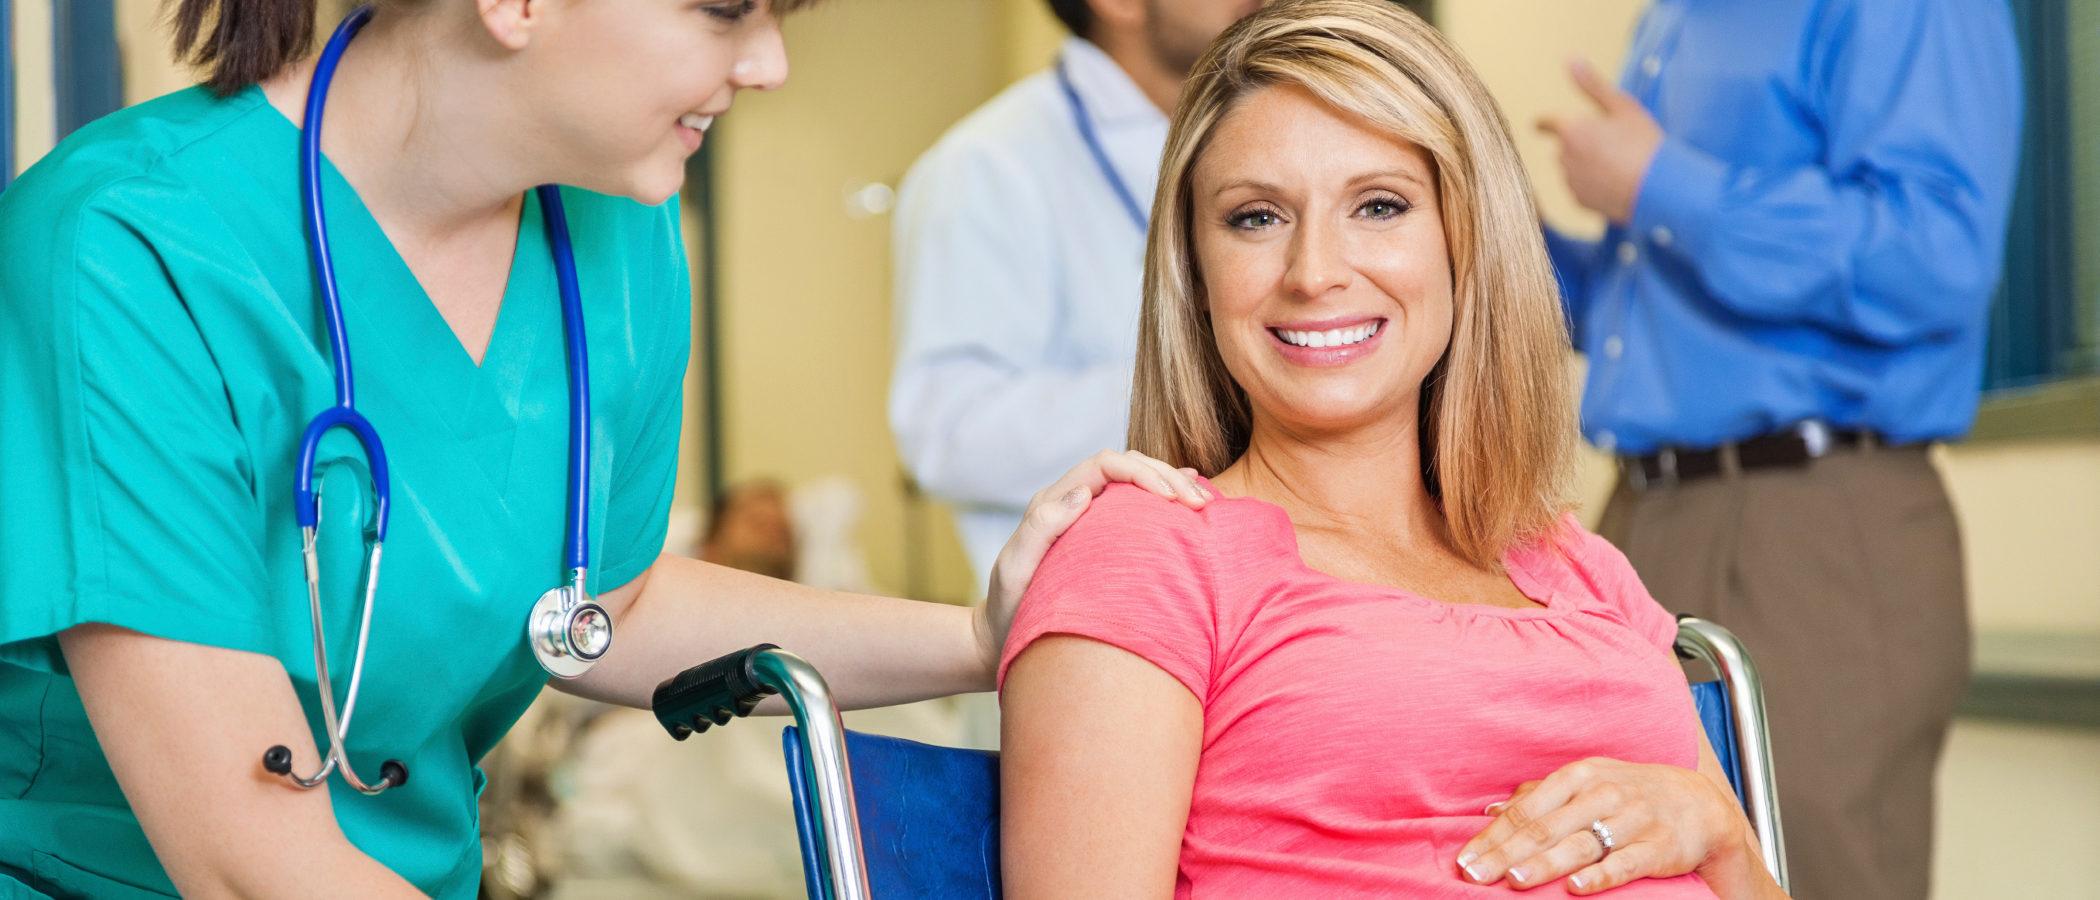 La dilatación en el parto, ¿de qué depende su duración?